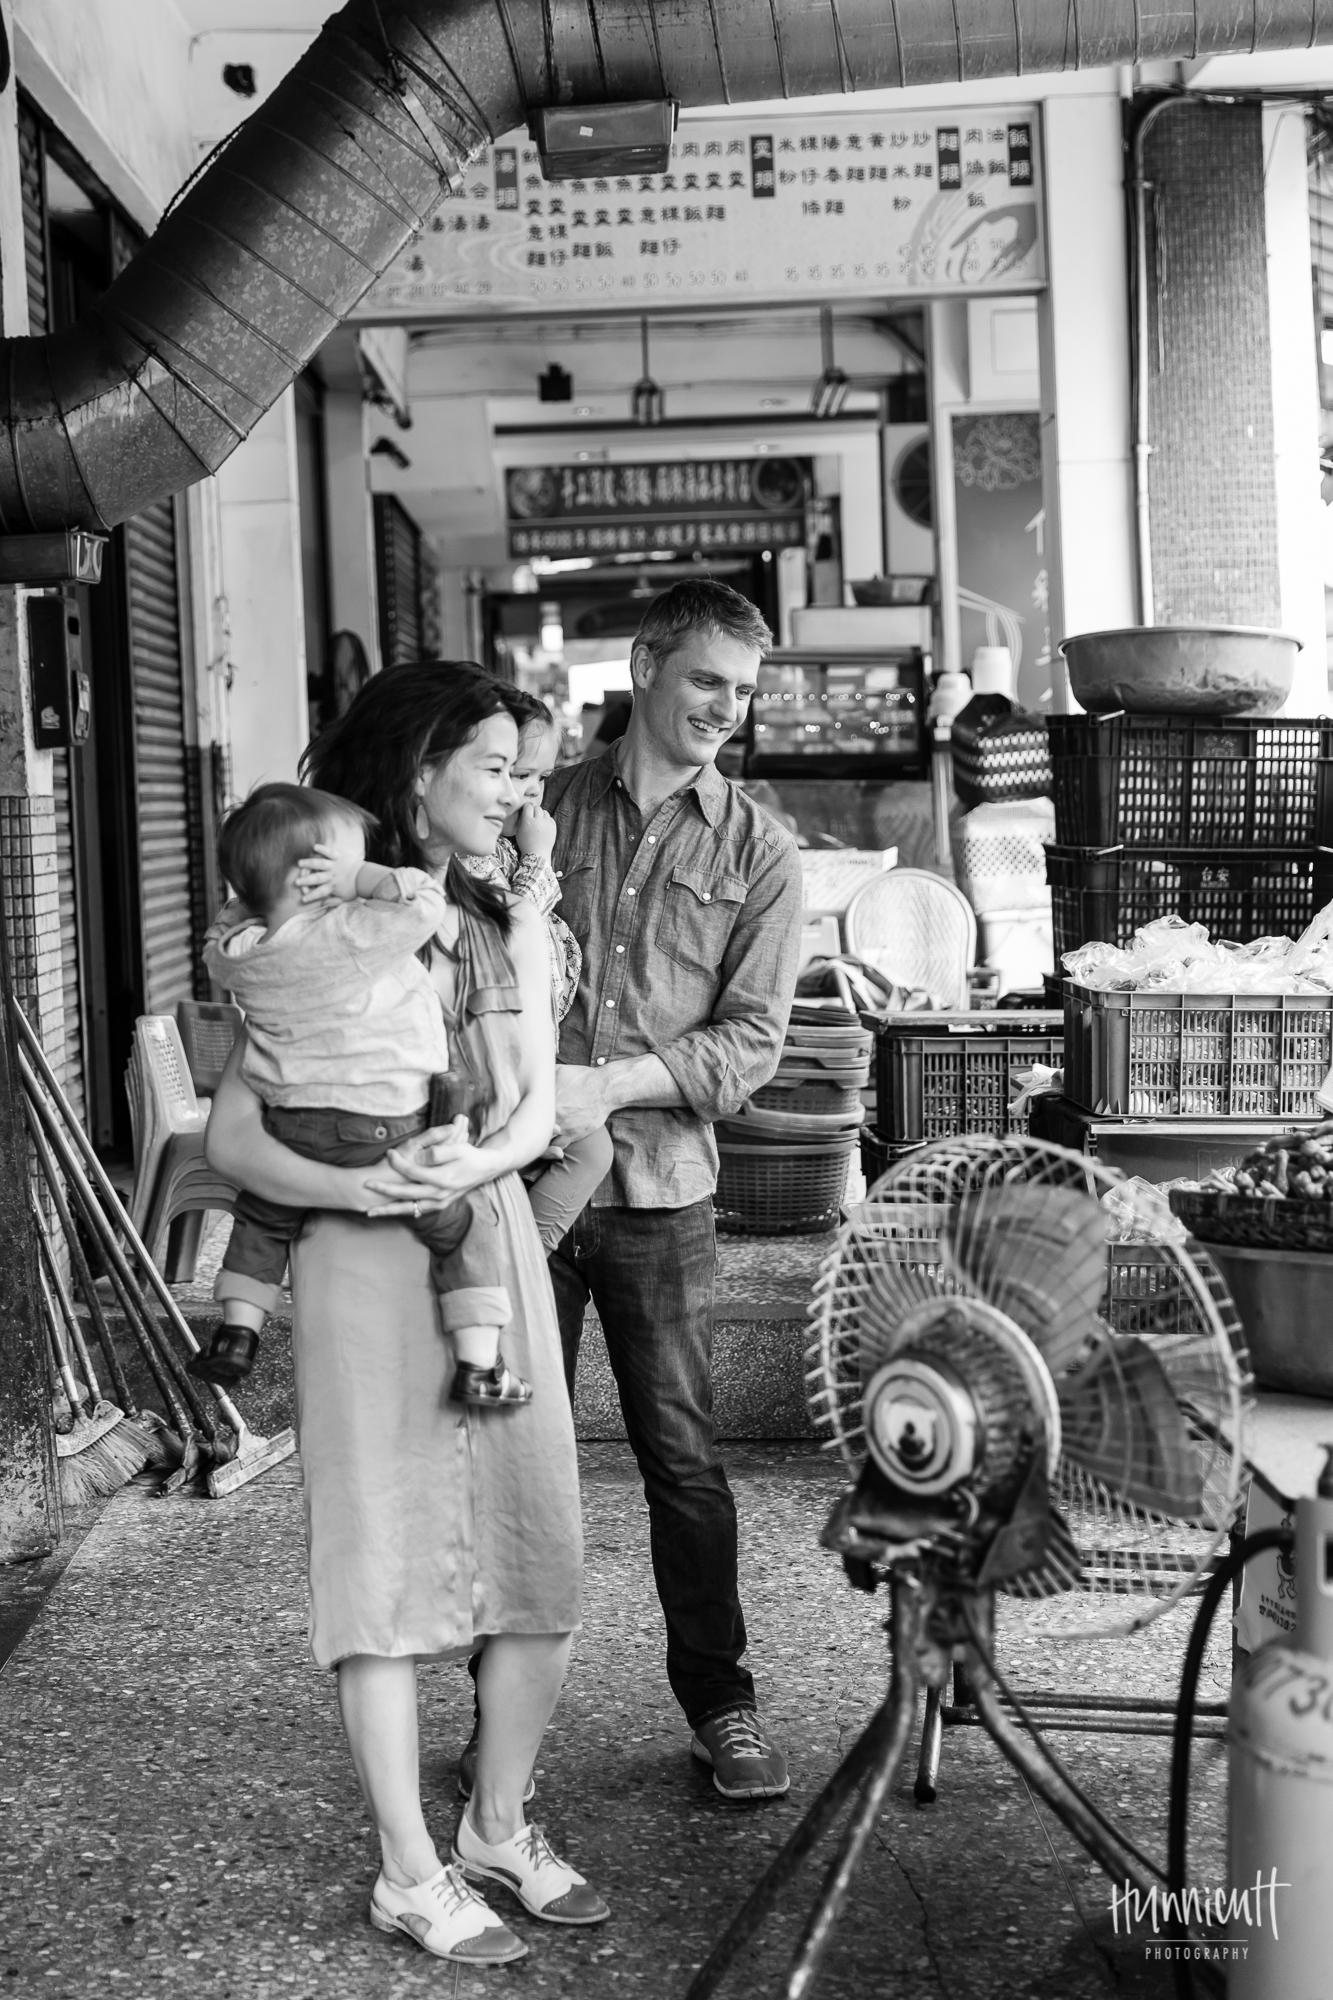 Taiwan-Urban-Lifestle-Duck-Family-HunnicuttPHotography-31